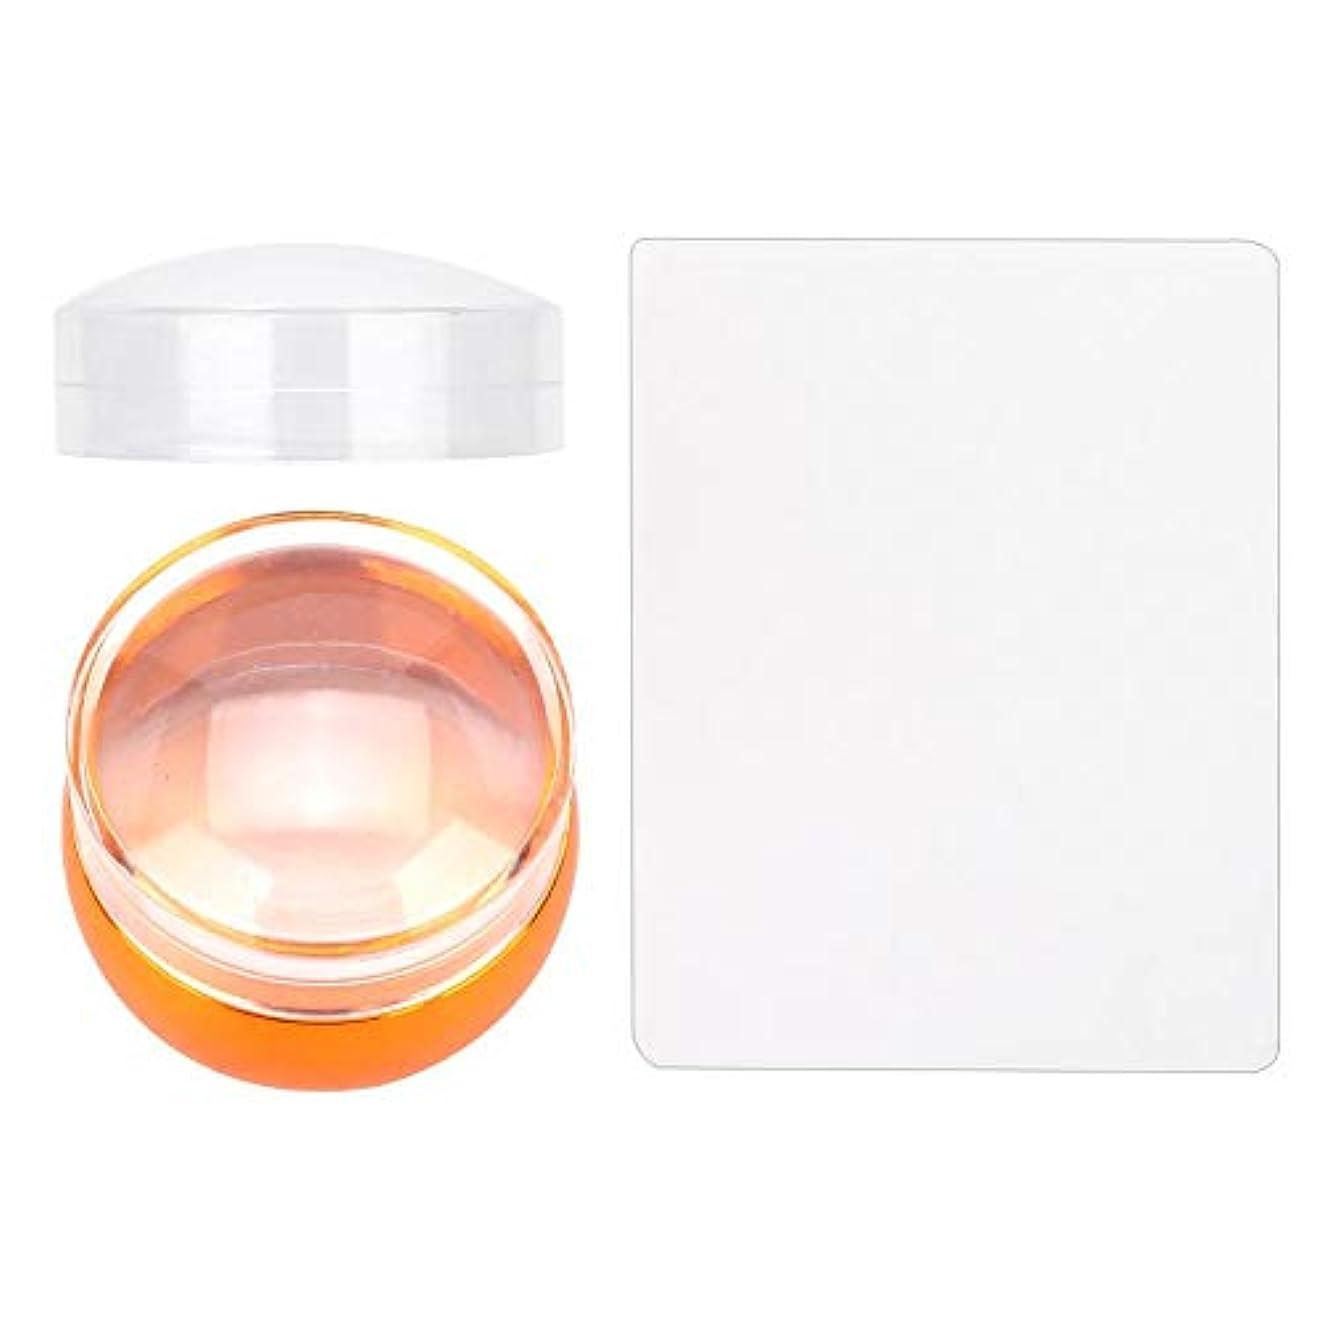 プラスきれいに健康的透明 DIY シリコーンスタンパーシールシリコーンヘッド ネイルスタンパーアートスクレーパー キャップスタンピングマニキュア 印刷ツールセット(03)